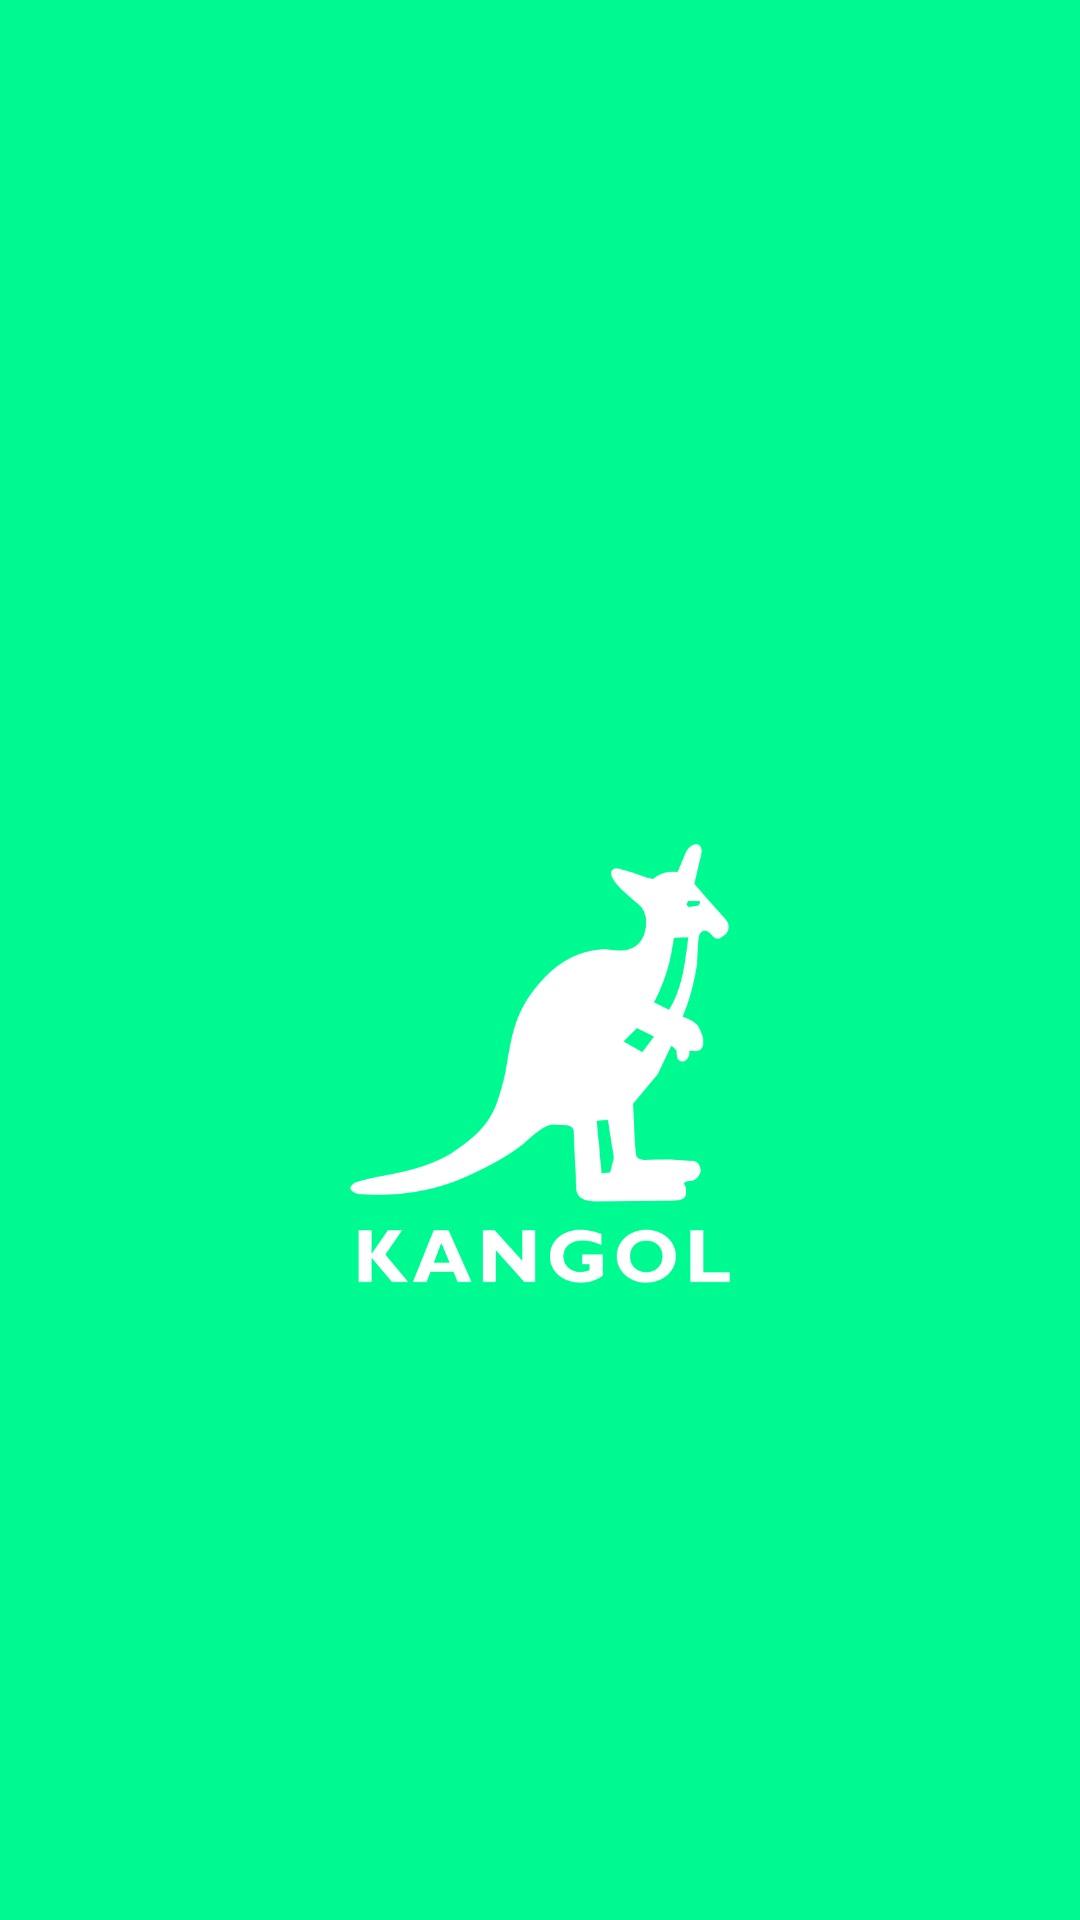 kangol14 - KANGOL/カンゴールのおしゃれな✨️高画質スマホ壁紙32枚 [iPhone&Androidに対応]